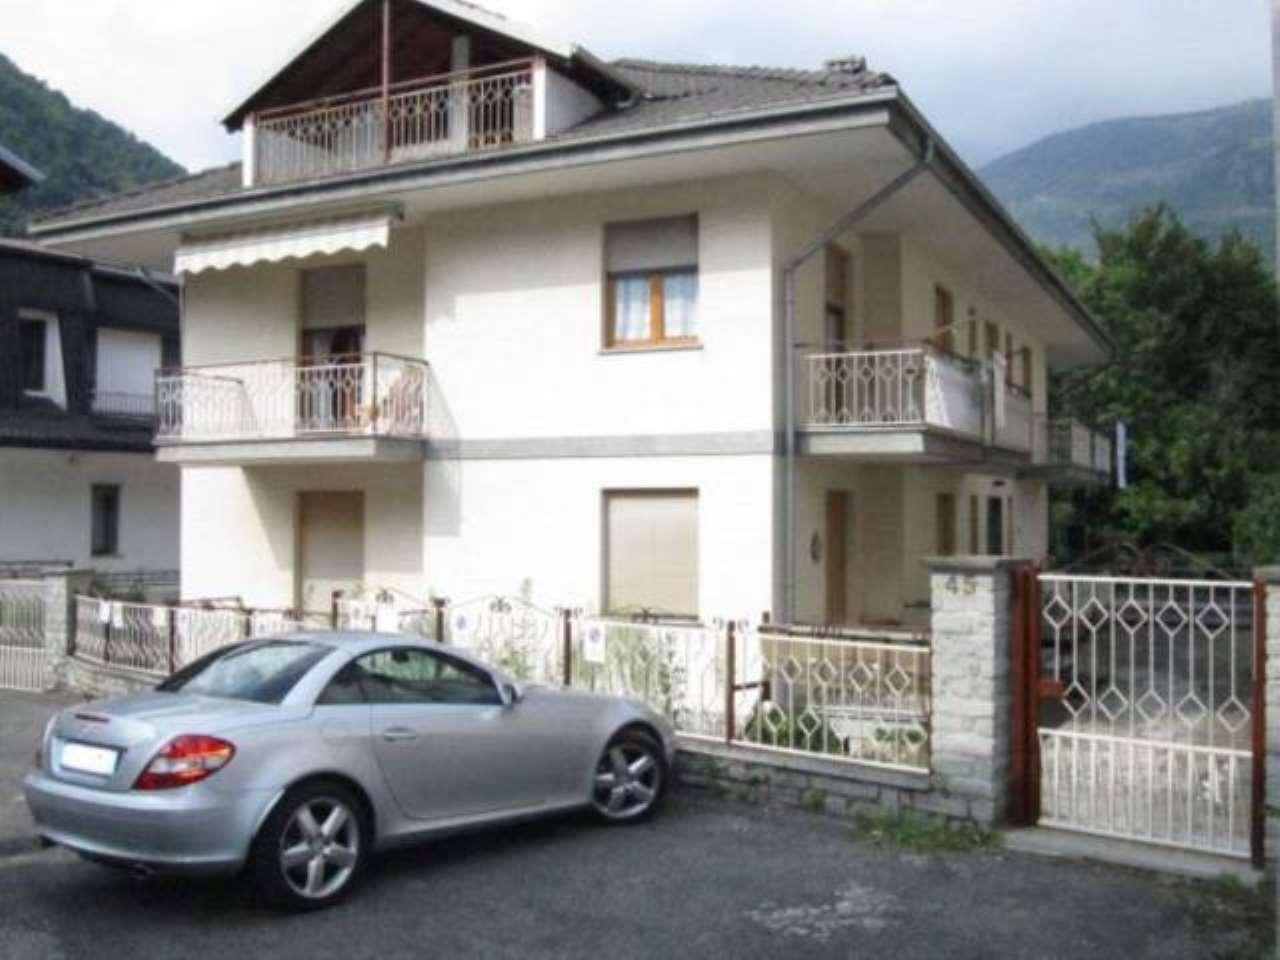 Appartamento in vendita a Ceres, 3 locali, prezzo € 90.000 | CambioCasa.it